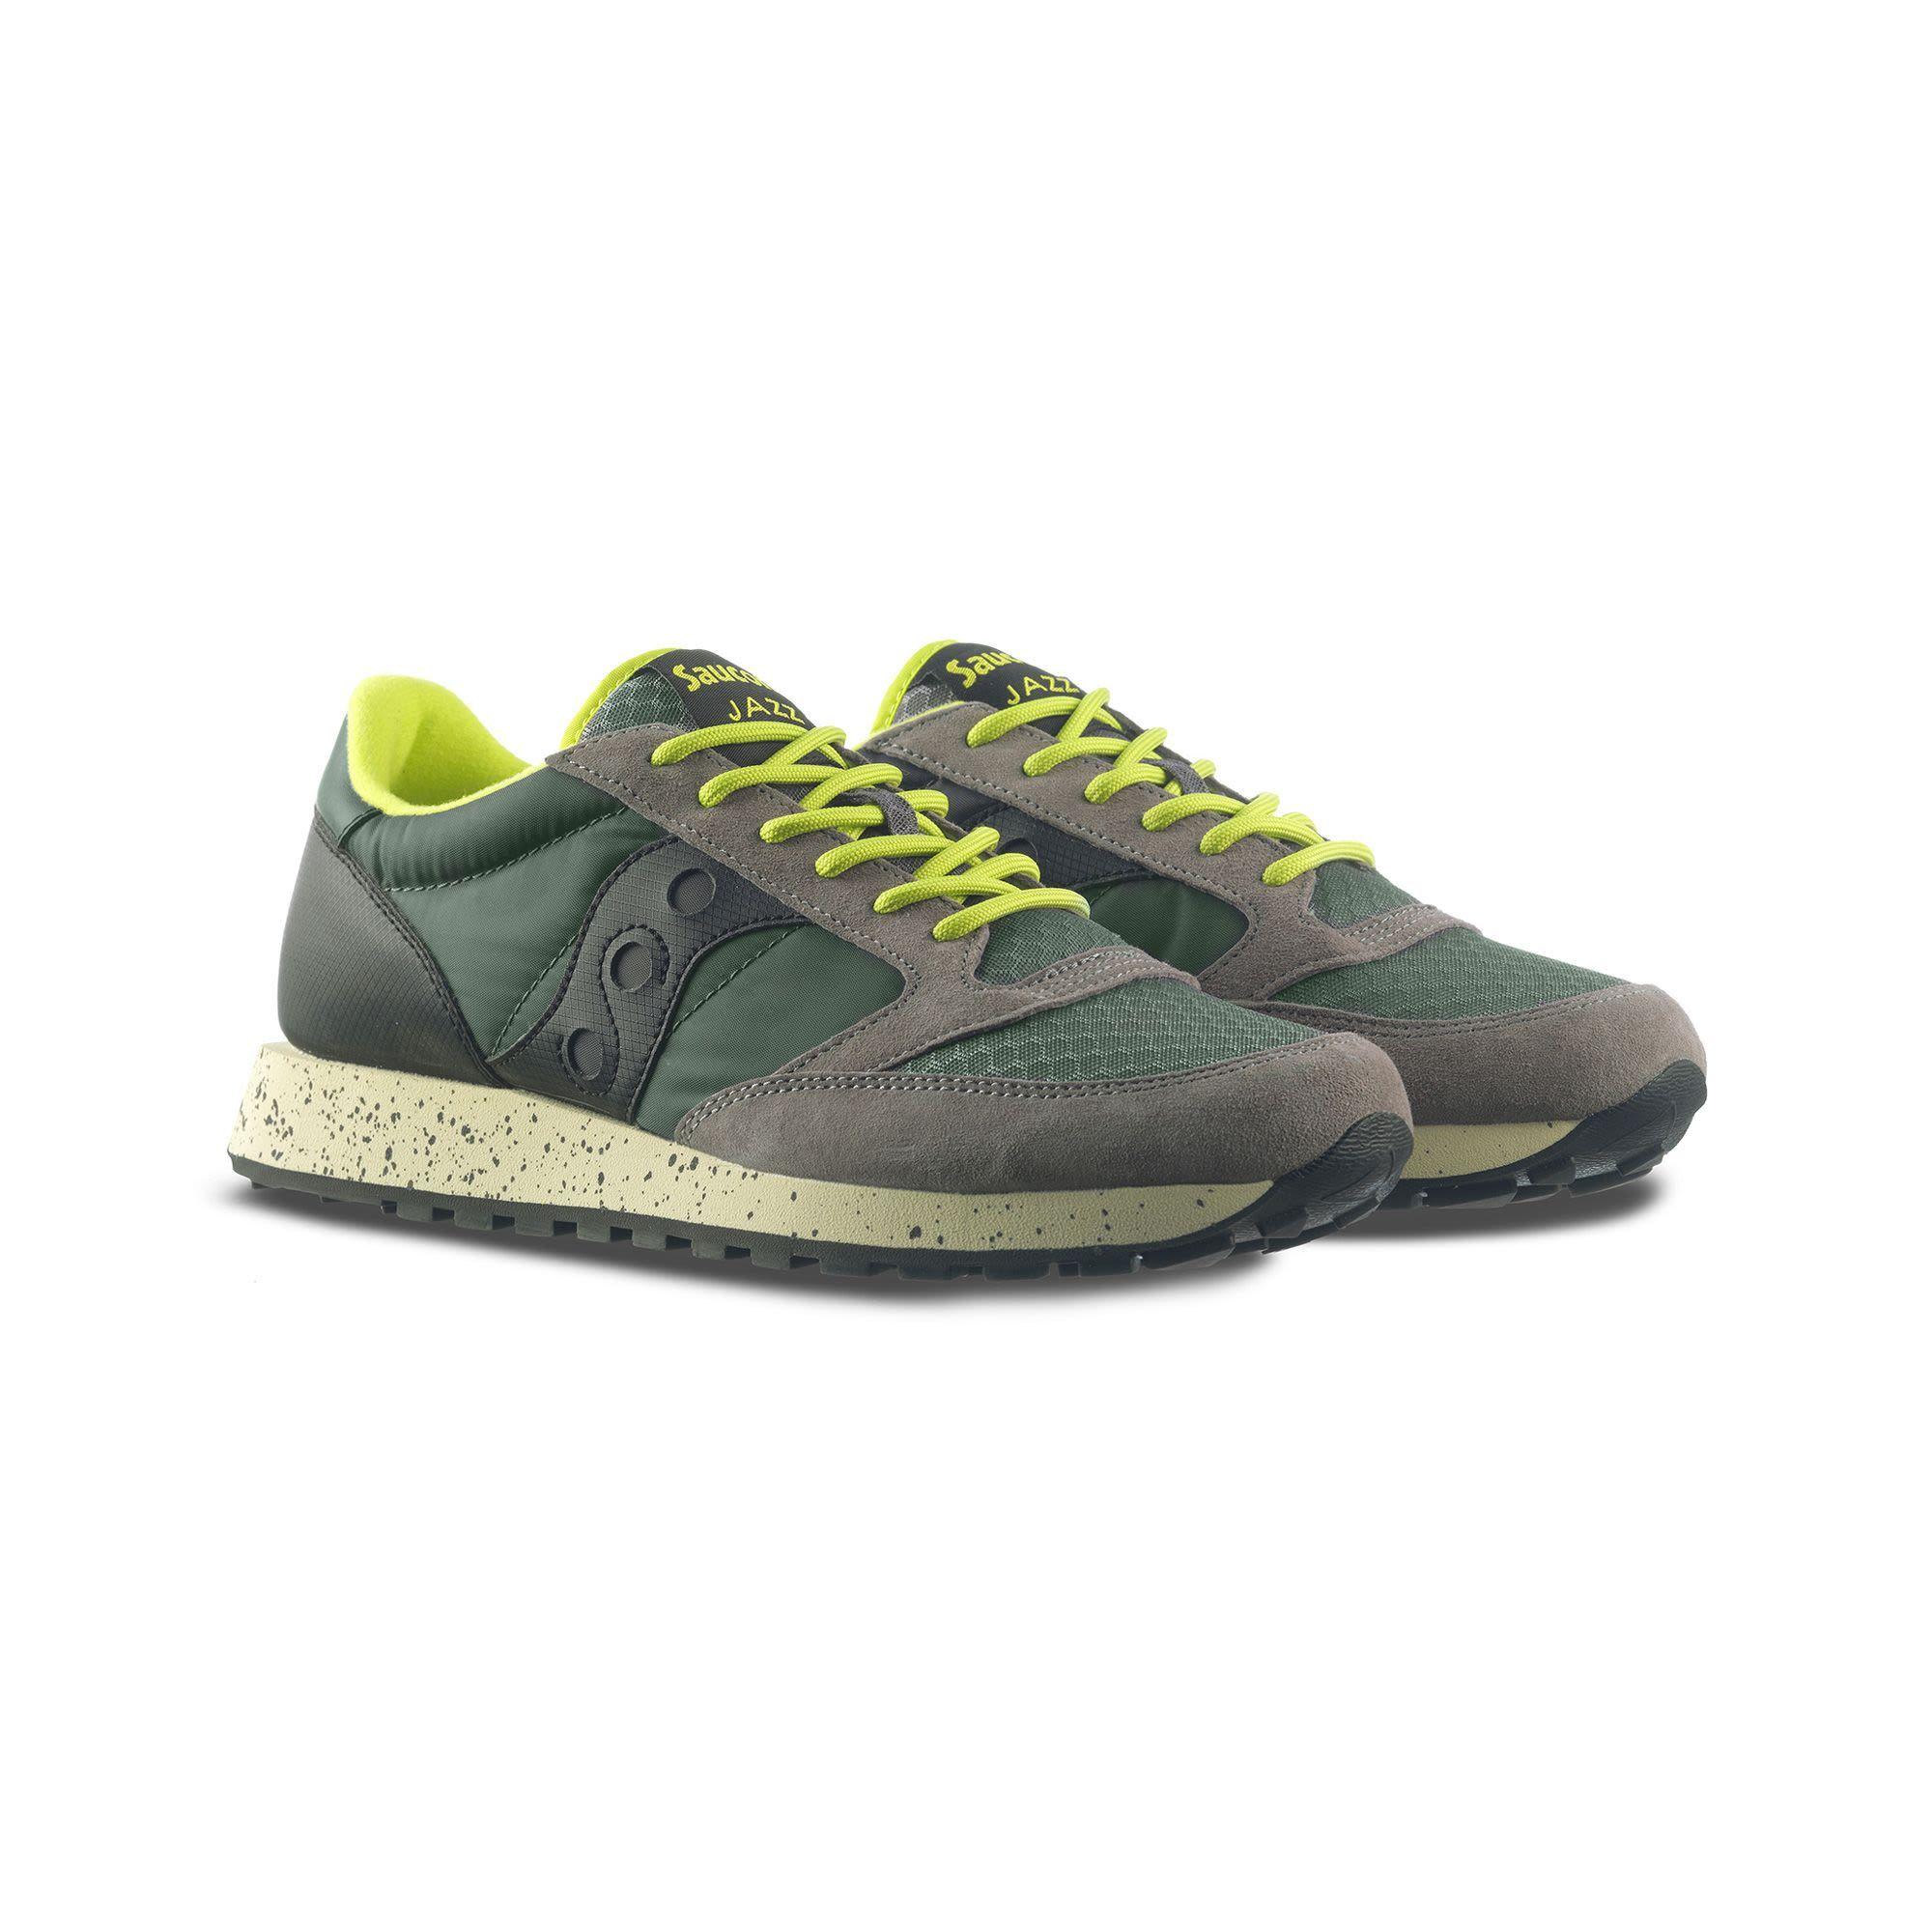 SAUCONY JAZZ O SPECIAL EDITION. #saucony #shoes #